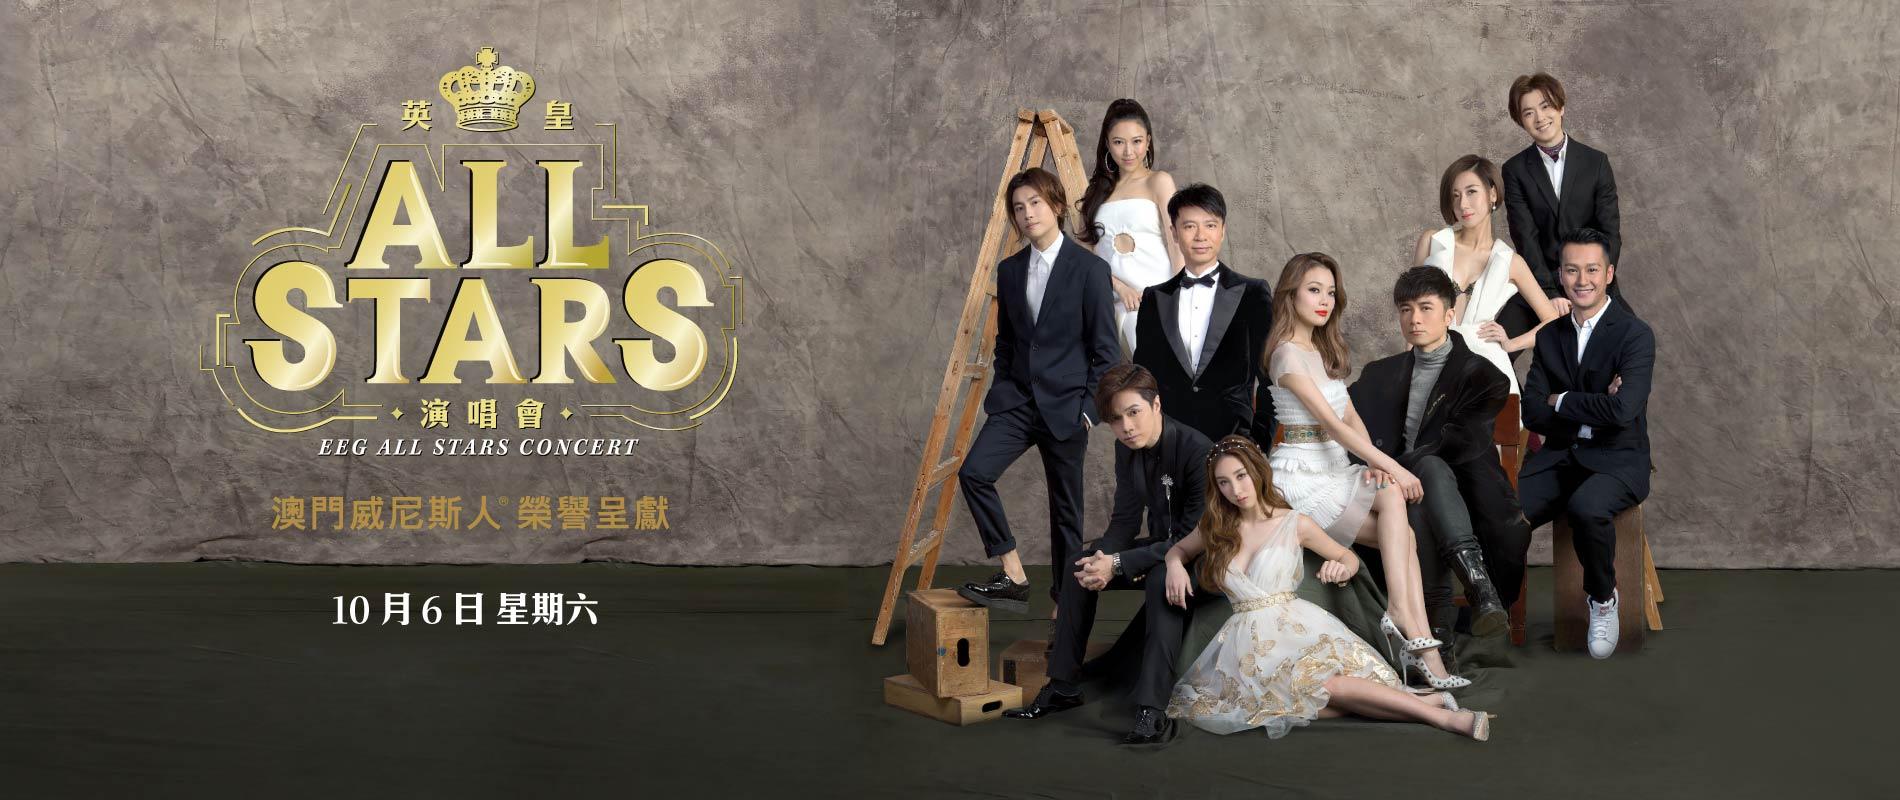 英皇 ALL STARS 演唱會 - 澳門威尼斯人金光綜藝館